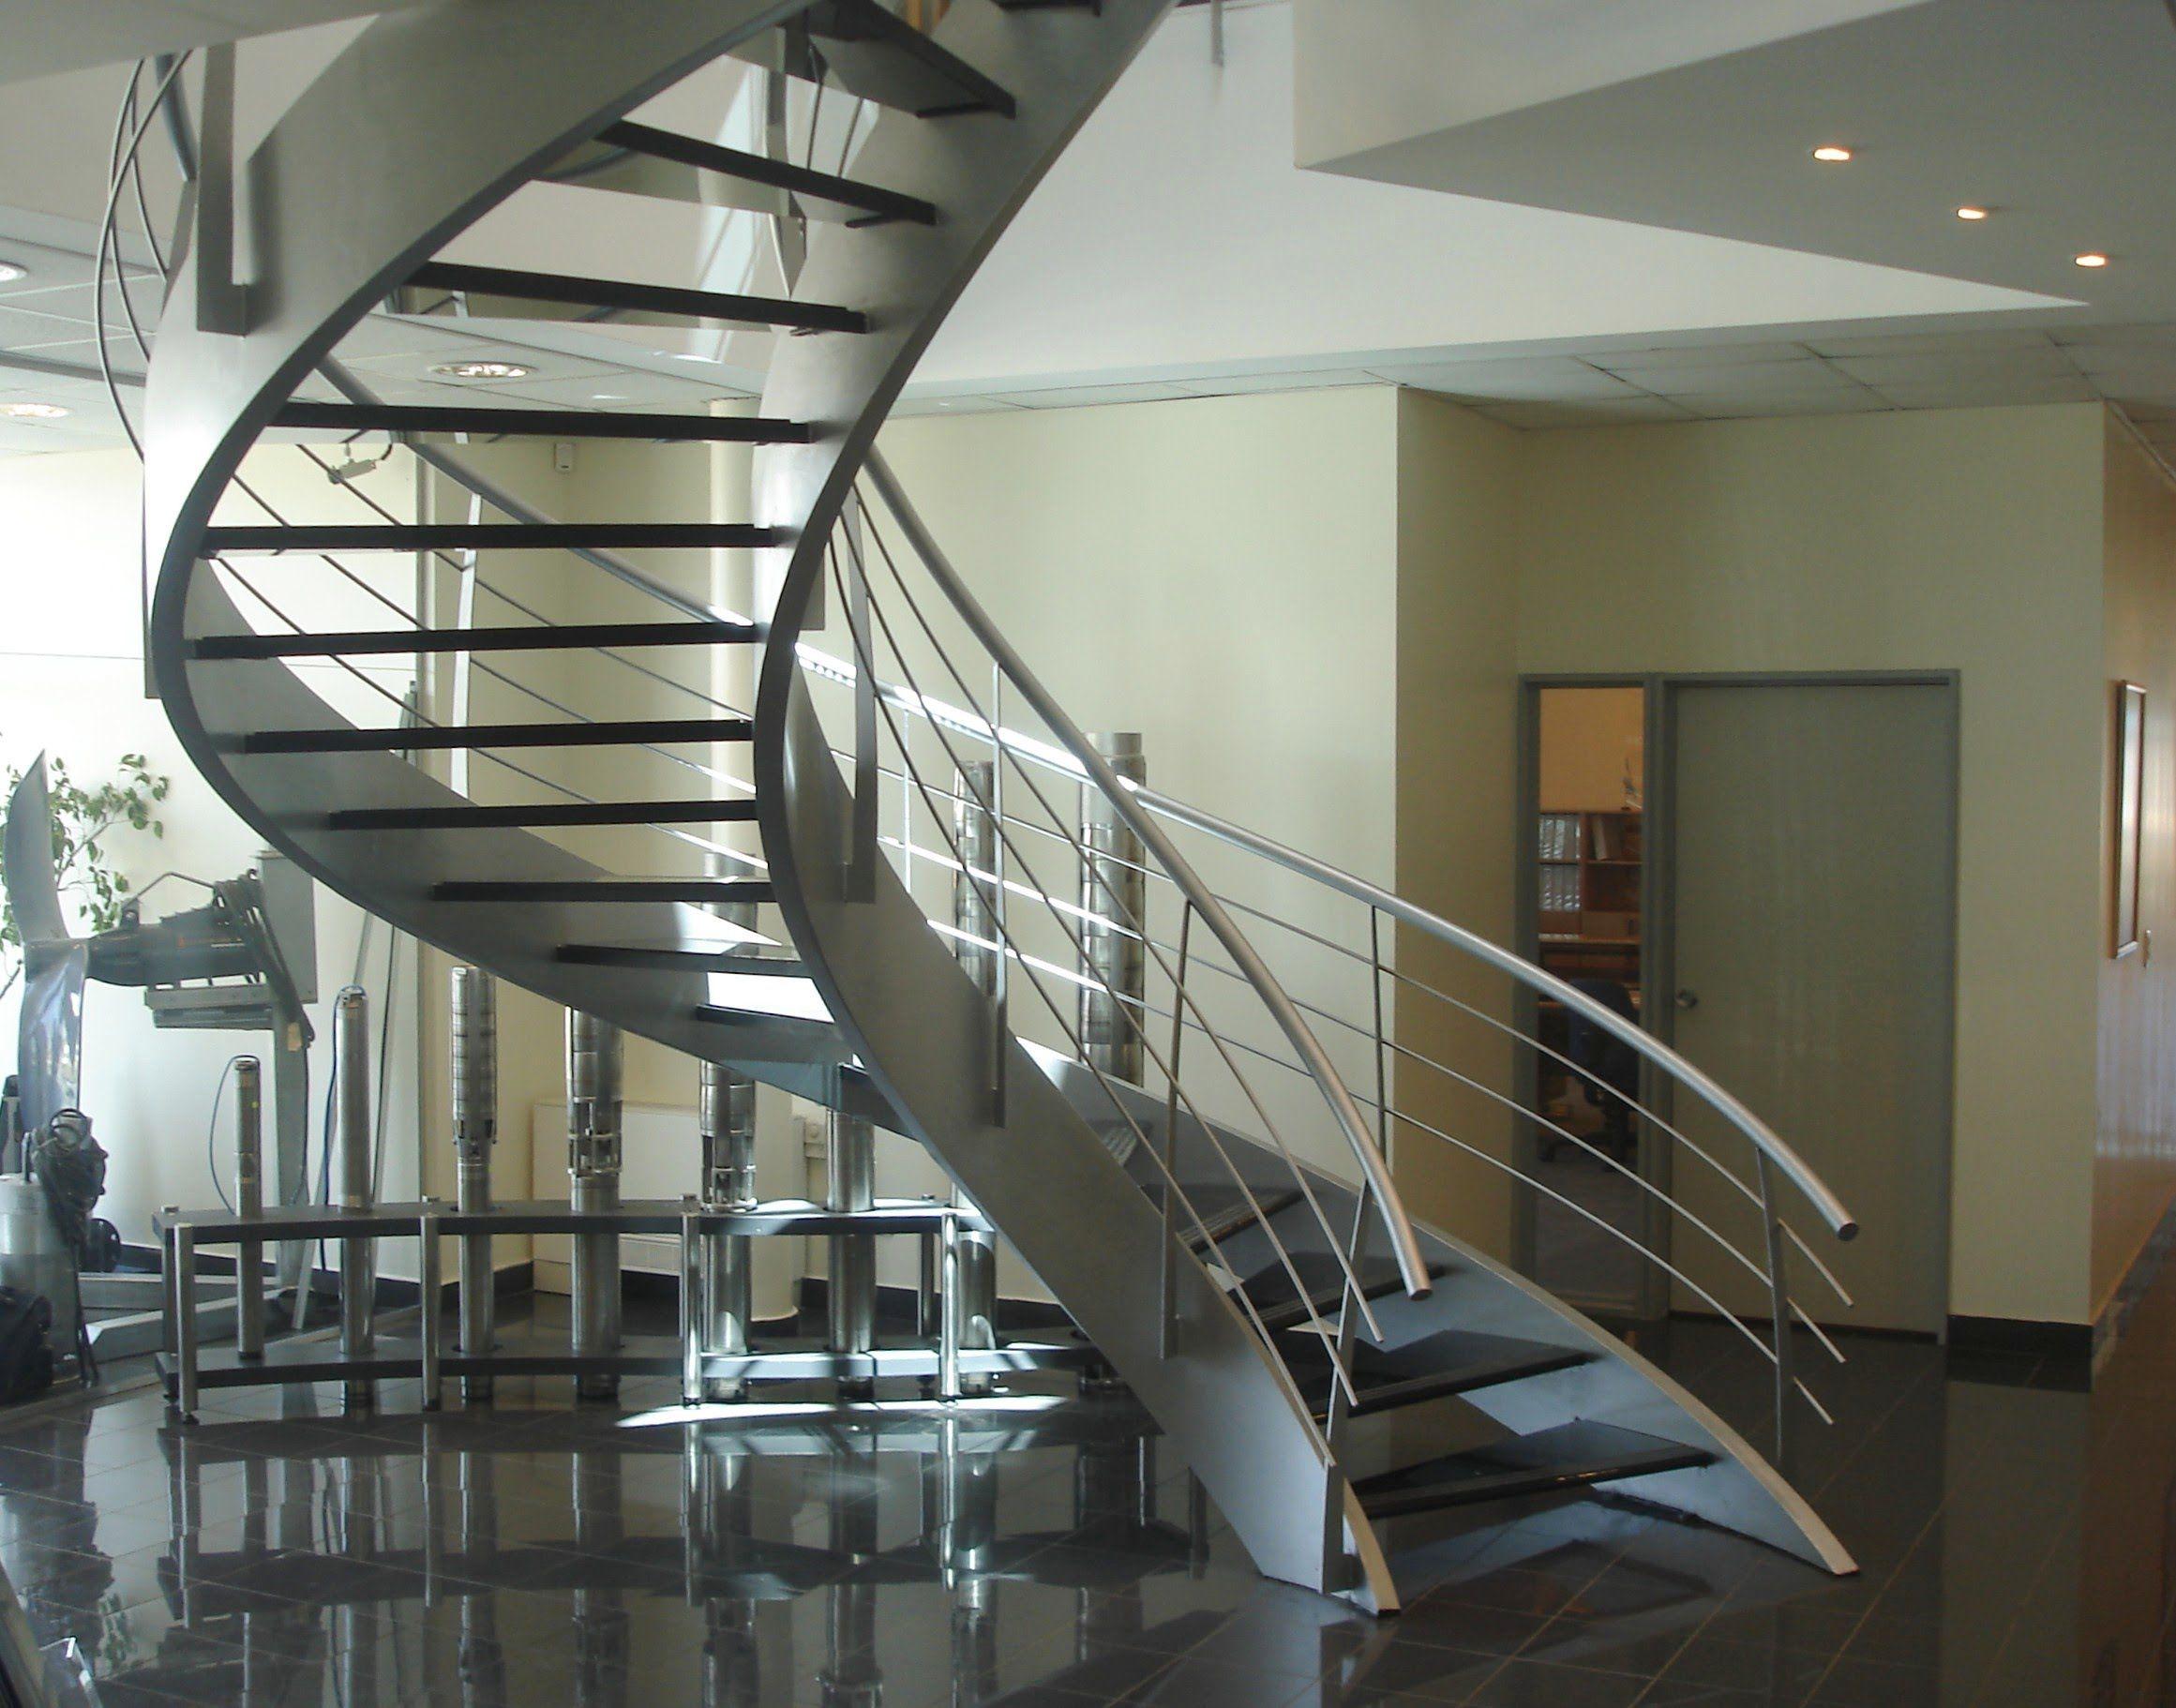 Una muestra de escaleras y barandas Eleve, estilos, diseños para ...